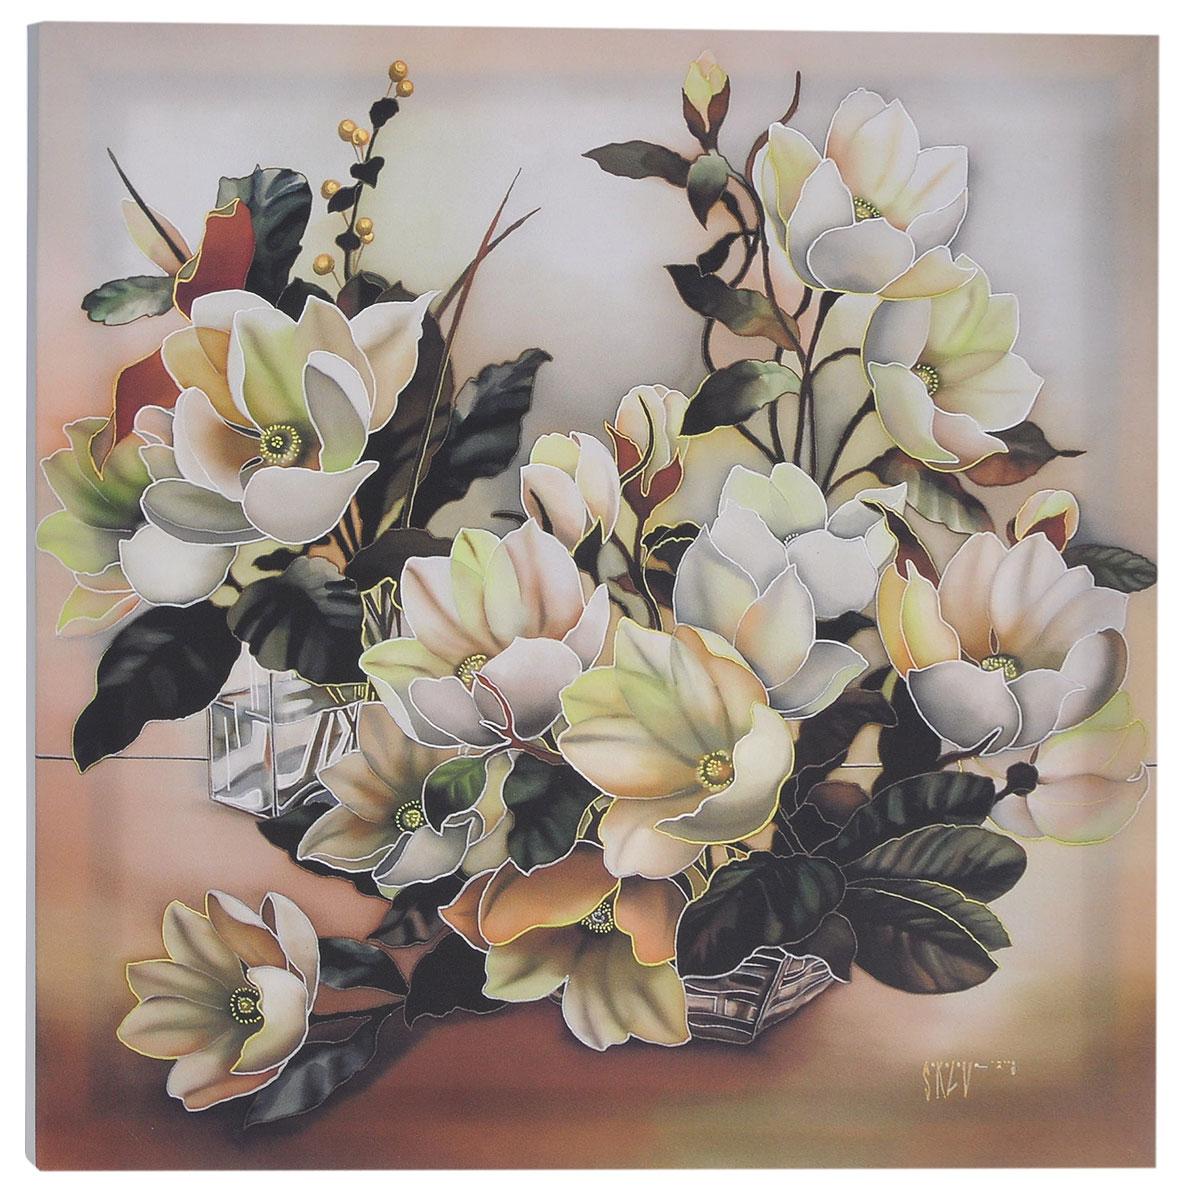 КвикДекор Картина детская МагнолииAP-00826-00042-Cn5050Картина КвикДекор Магнолии - это прекрасное украшение для вашей гостиной, детской или спальни. Она привнесет в интерьер яркий акцент и сделает обстановку комфортной и уютной. Автор картины - Надежда Соколова - родилась в 1973 году в городе Дрездене. В 1986-1990 годах училась в Художественной школе города Новгорода. В 1995 году окончила с отличием рекламное отделение Новгородского училища культуры. В 2000 году защитила диплом на факультете Искусств и Технологий НовГУ имени Ярослава Мудрого. Выставляется с 1996 года. Работает в техниках: живопись, графика, батик, лаковая миниатюра, авторская кукла. Является автором оригинального стиля в миниатюре. Изделие представляет собой картину с латексной печатью на натуральном хлопчатобумажном холсте. Галерейная натяжка на деревянный подрамник выполнена очень аккуратно, а боковые части картины запечатаны тоновой заливкой. Обратная сторона подрамника содержит отверстие, благодаря которому картину можно легко...